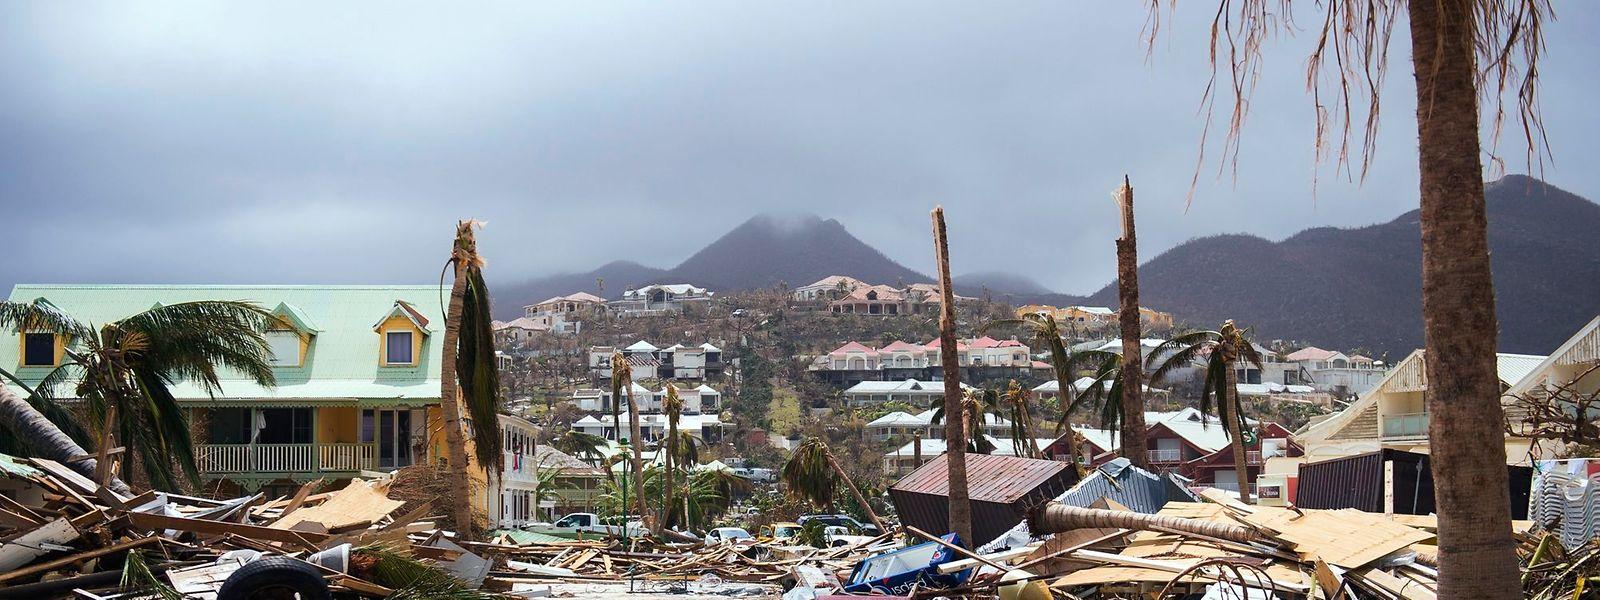 Auf Saint-Martin belaufen sich die Schäden ersten Schätzungen zufolge auf über 200 Millionen Euro.